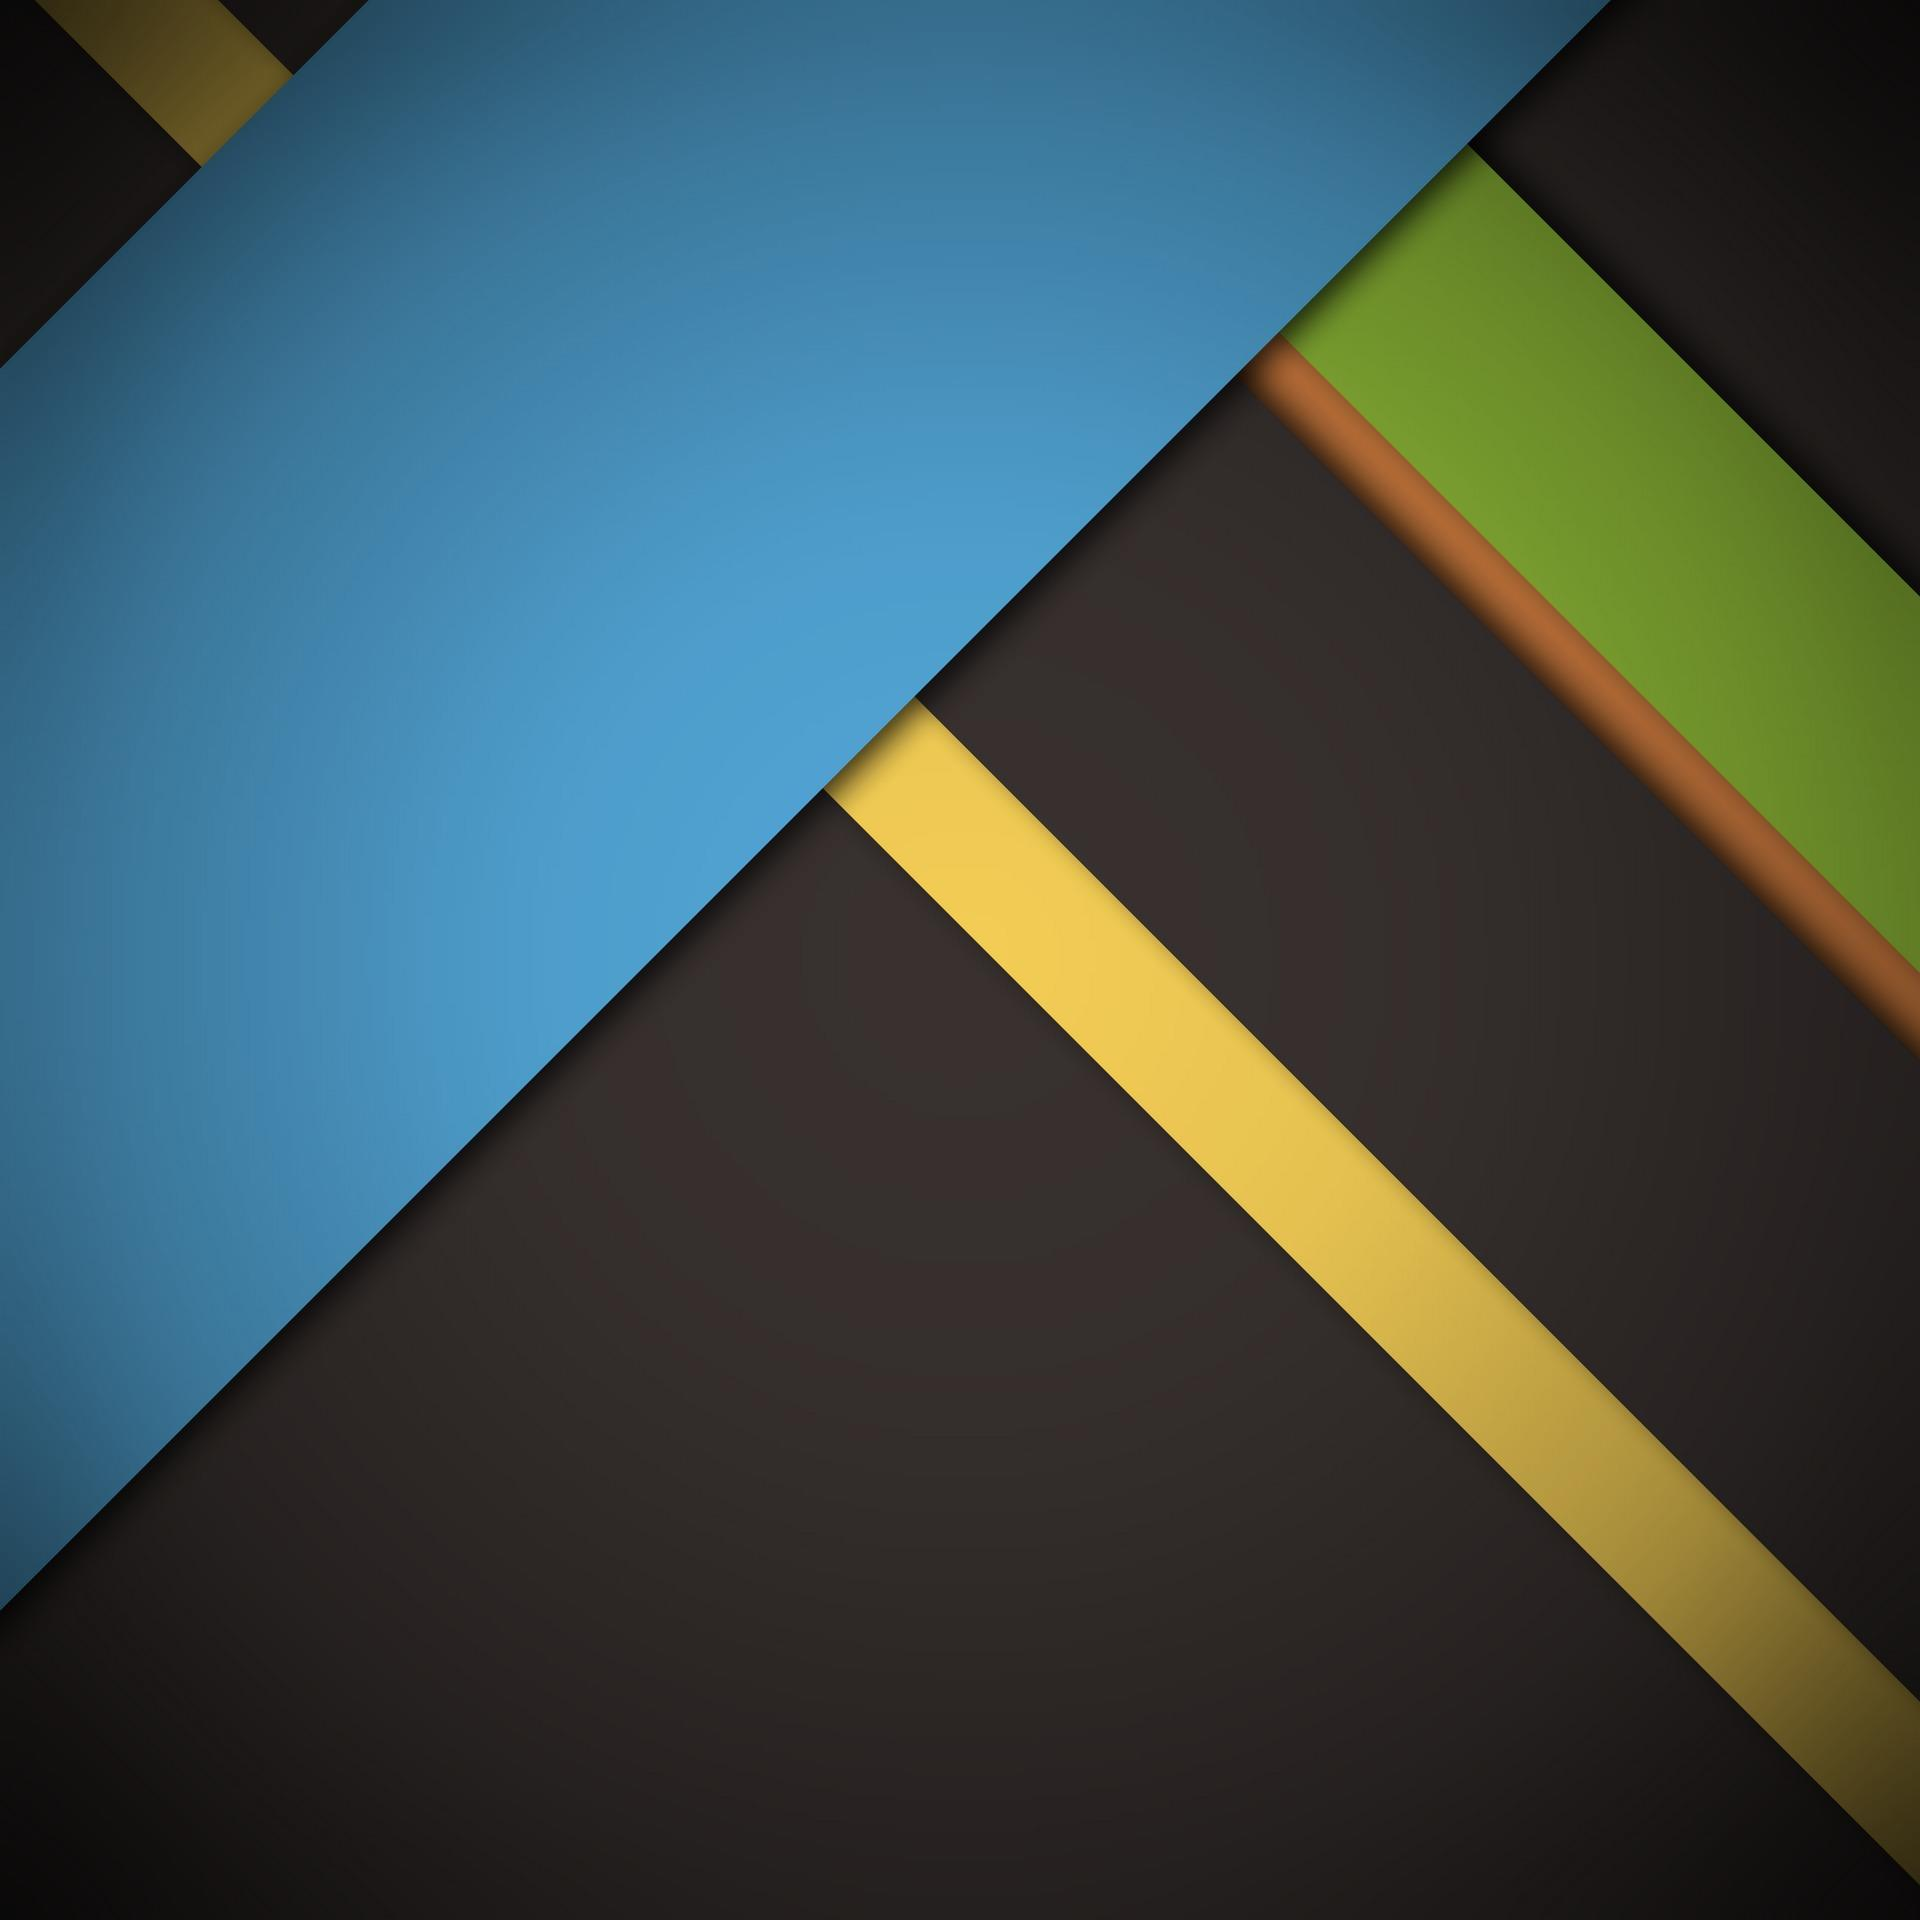 линии материальный дизайн material скачать